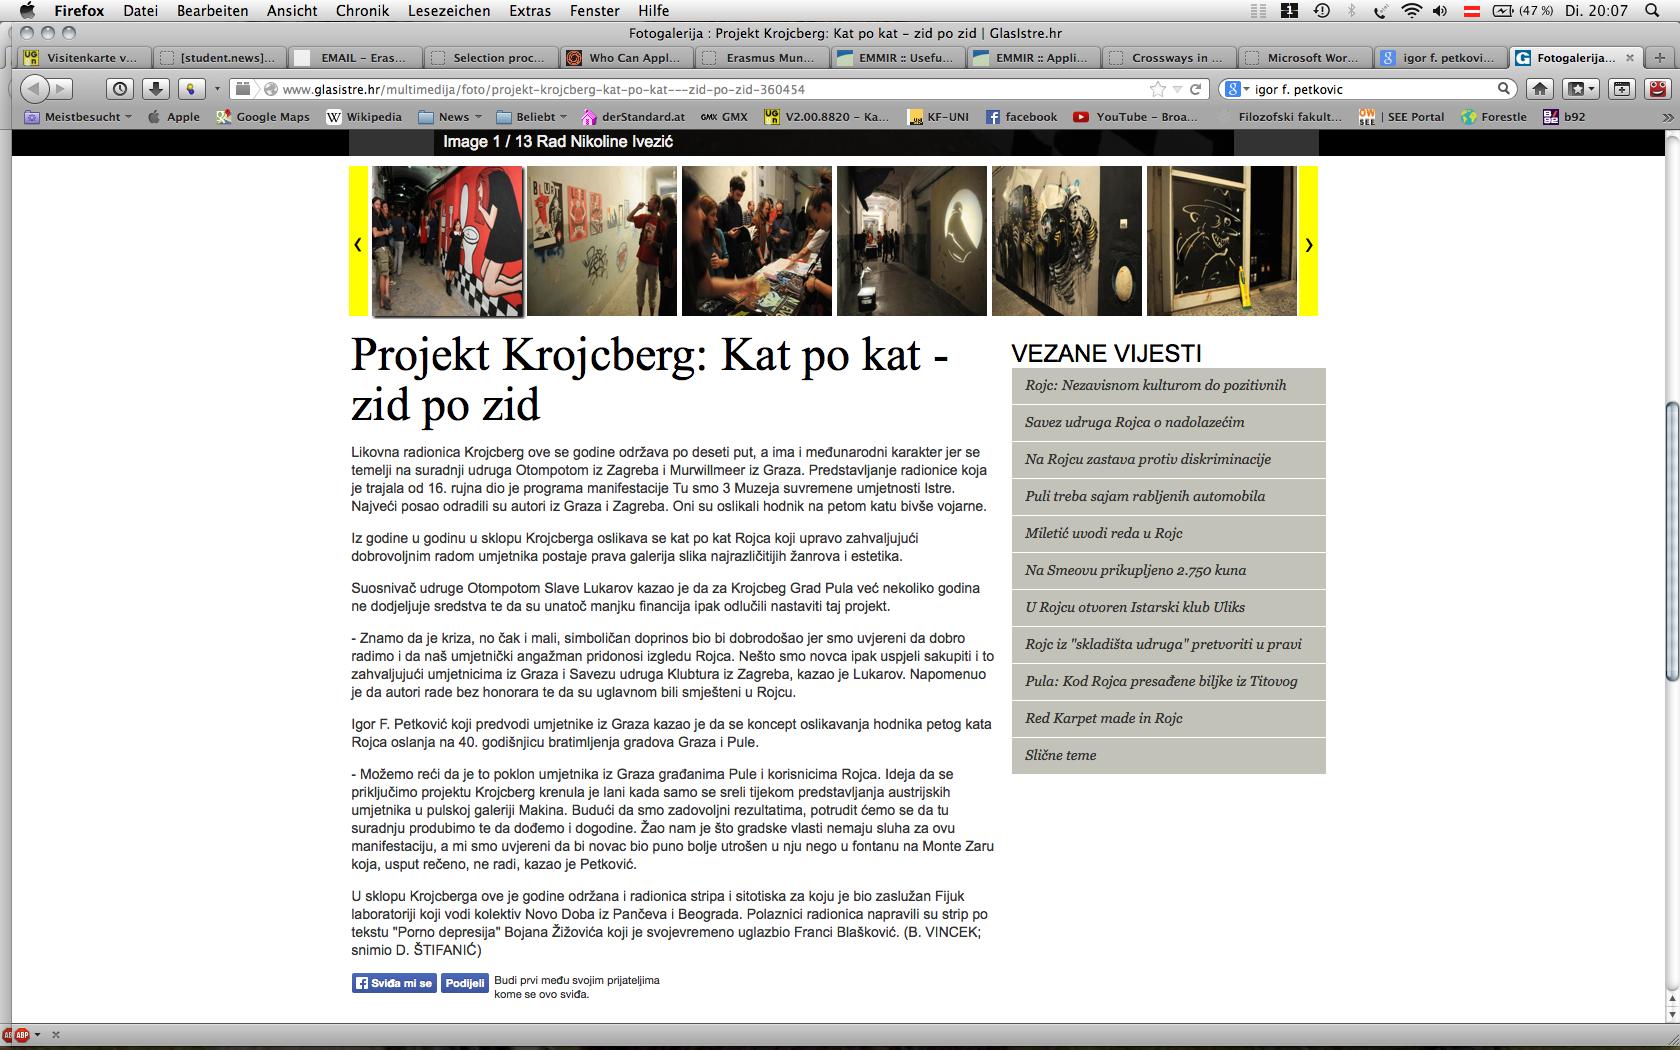 Bildschirmfoto 2013-12-17 um 20.07.34